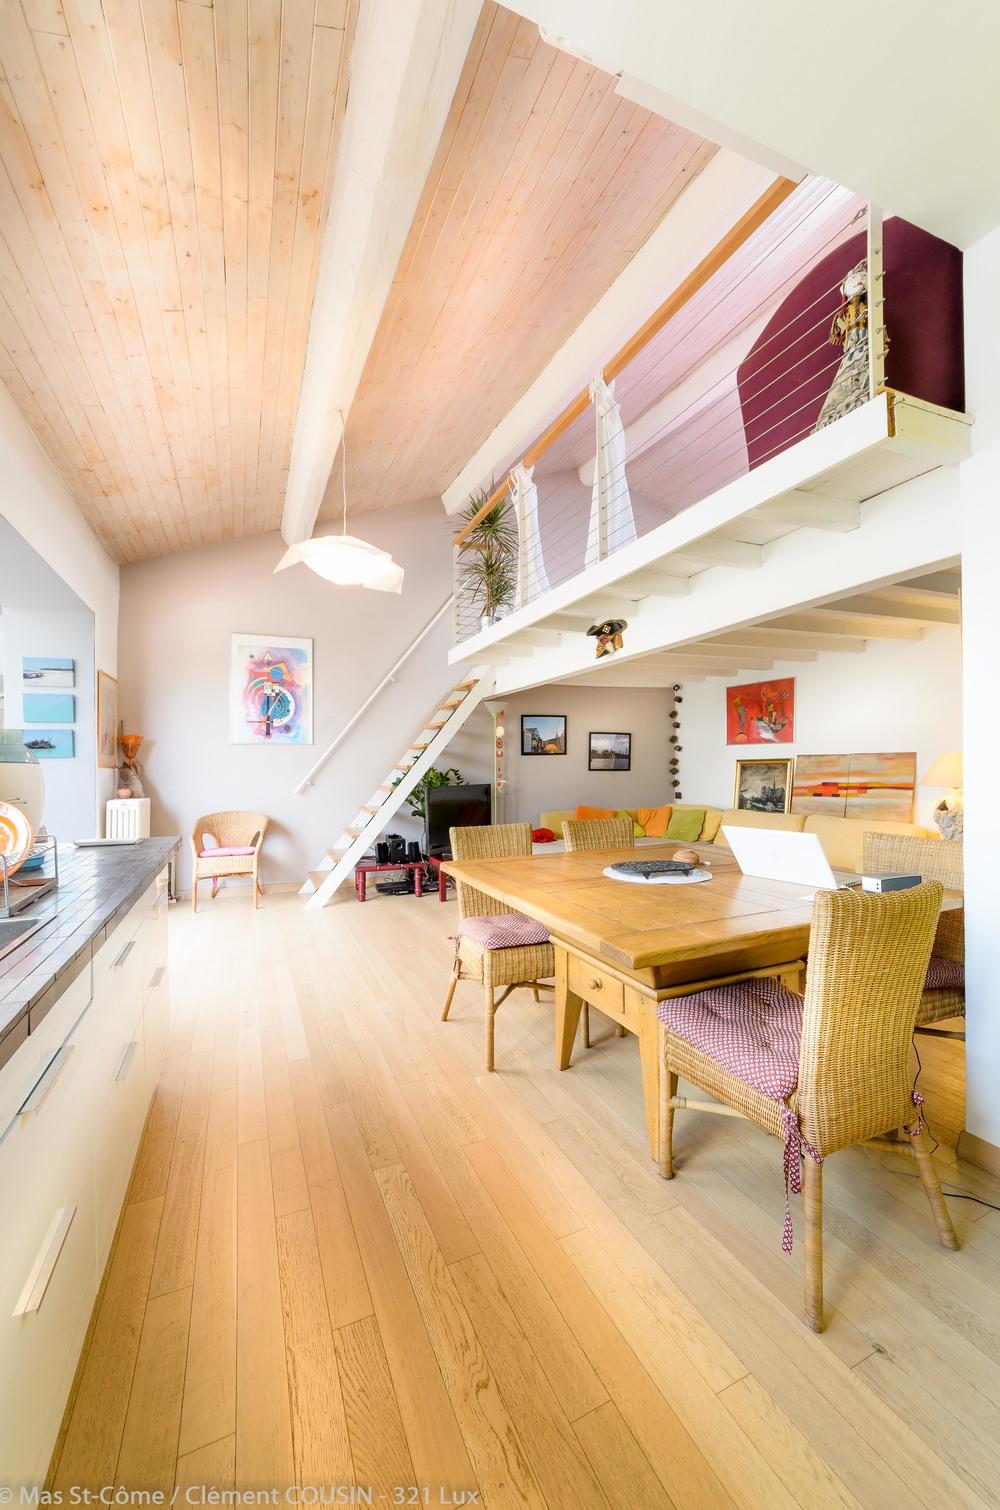 321 Lux-Maison 6 rue etienne cardaire -6.jpg